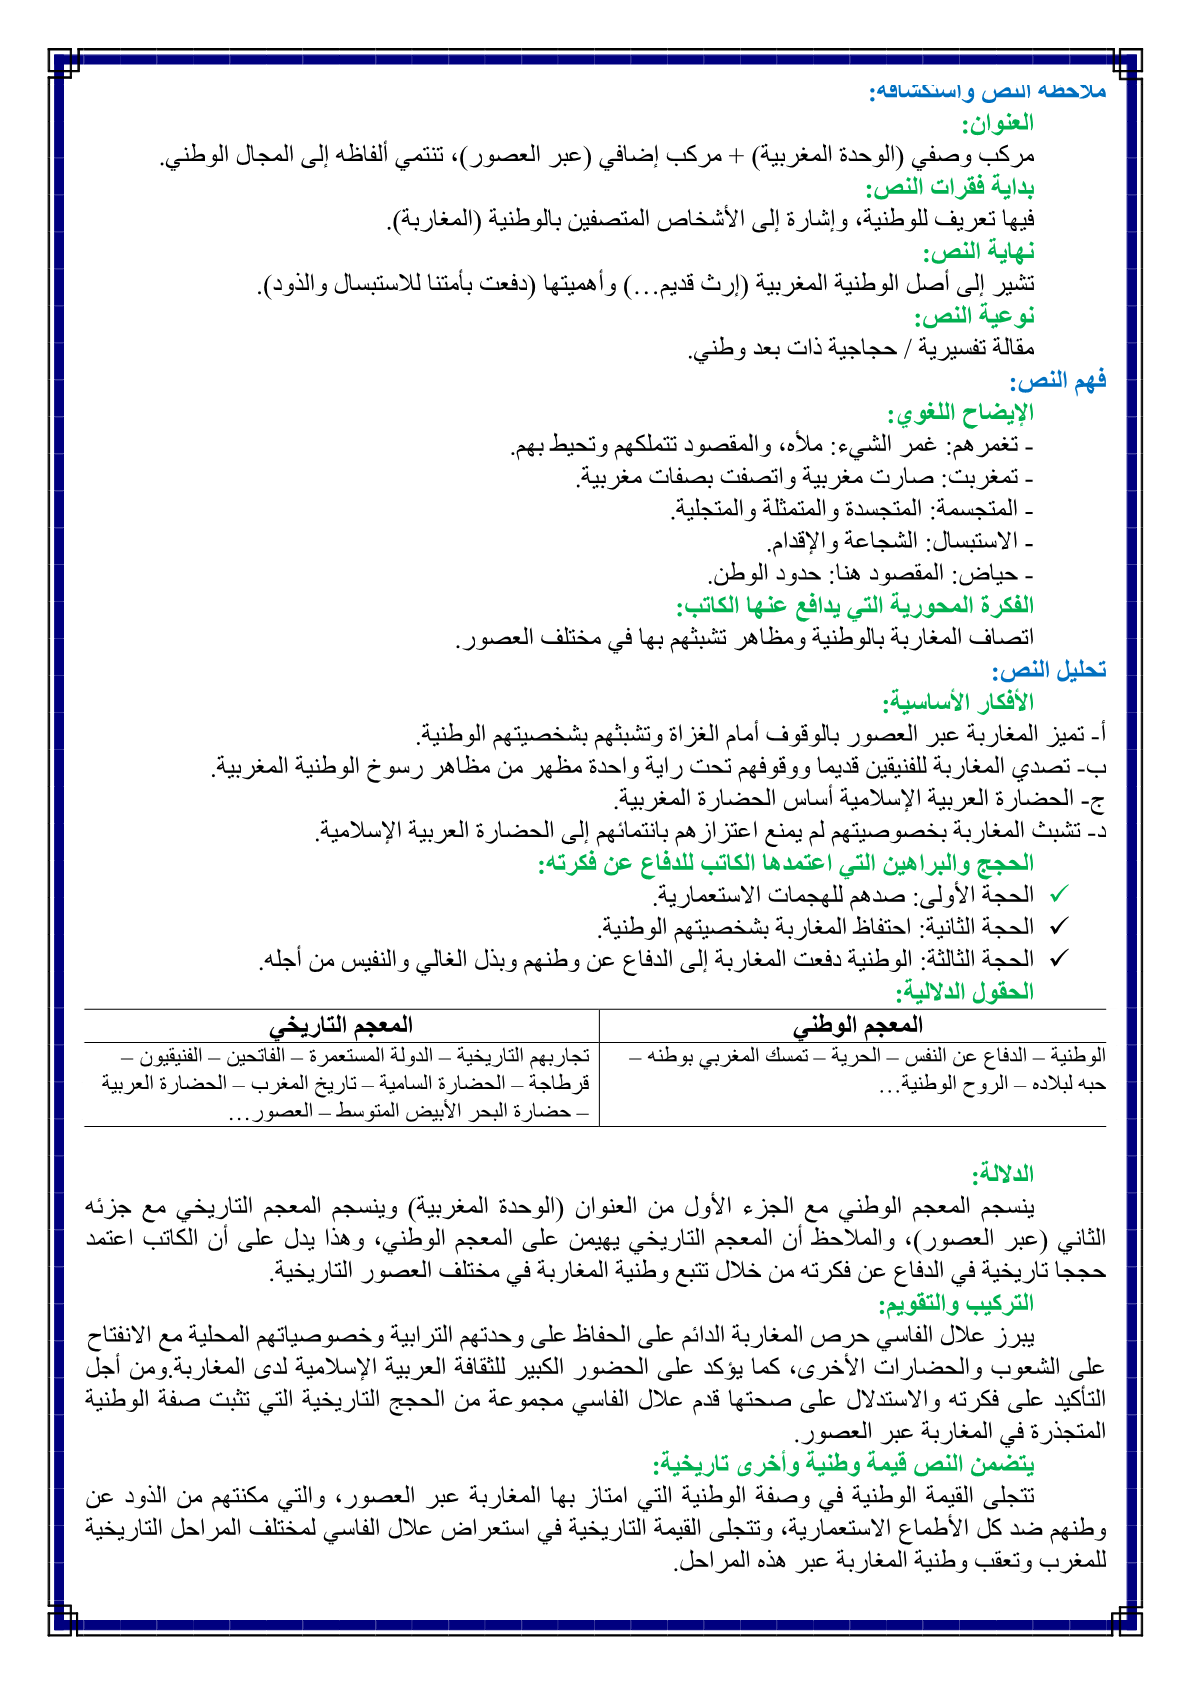 درس الوحدة المغربية عبر العصور مادة اللغة العربية للسنة الثانية اعدادي -  الدراسة